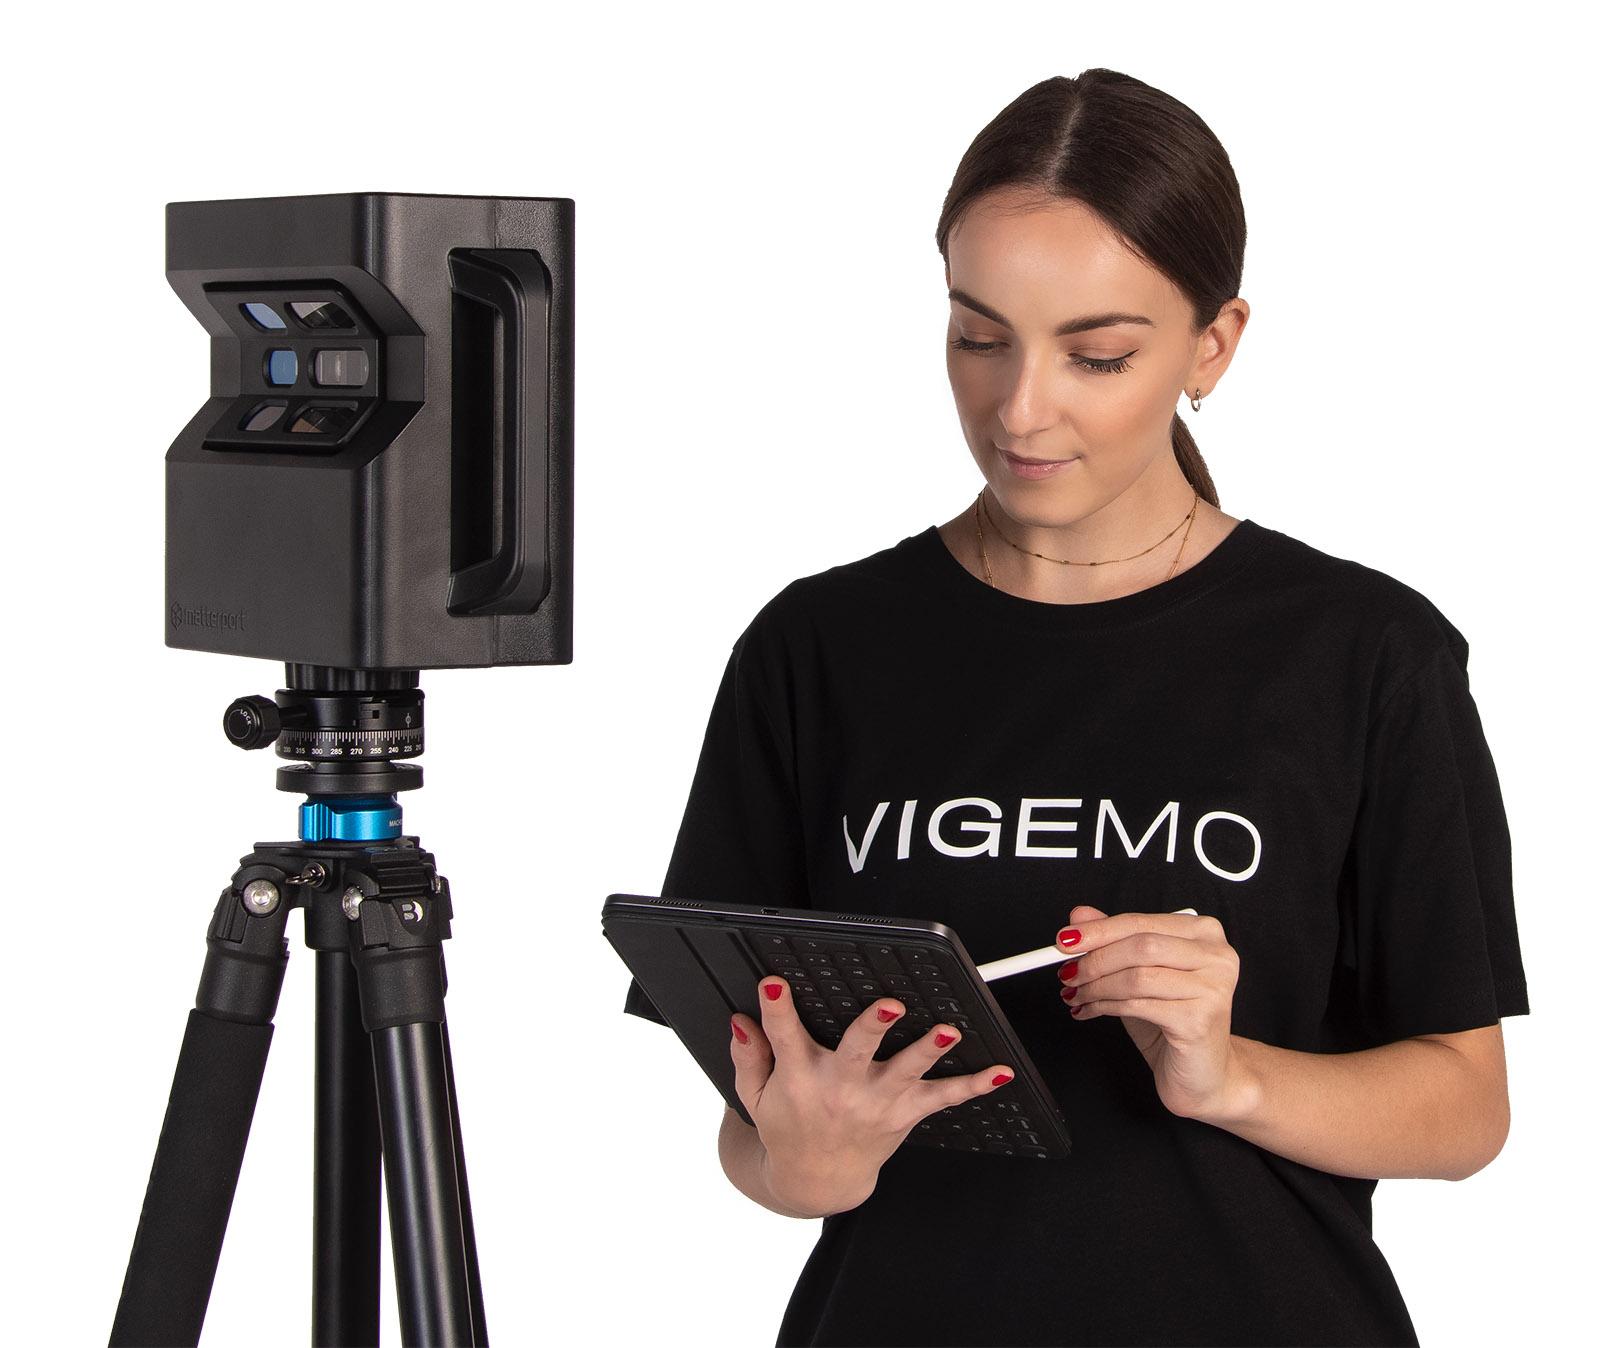 vigemo-leistungen-2-scannen